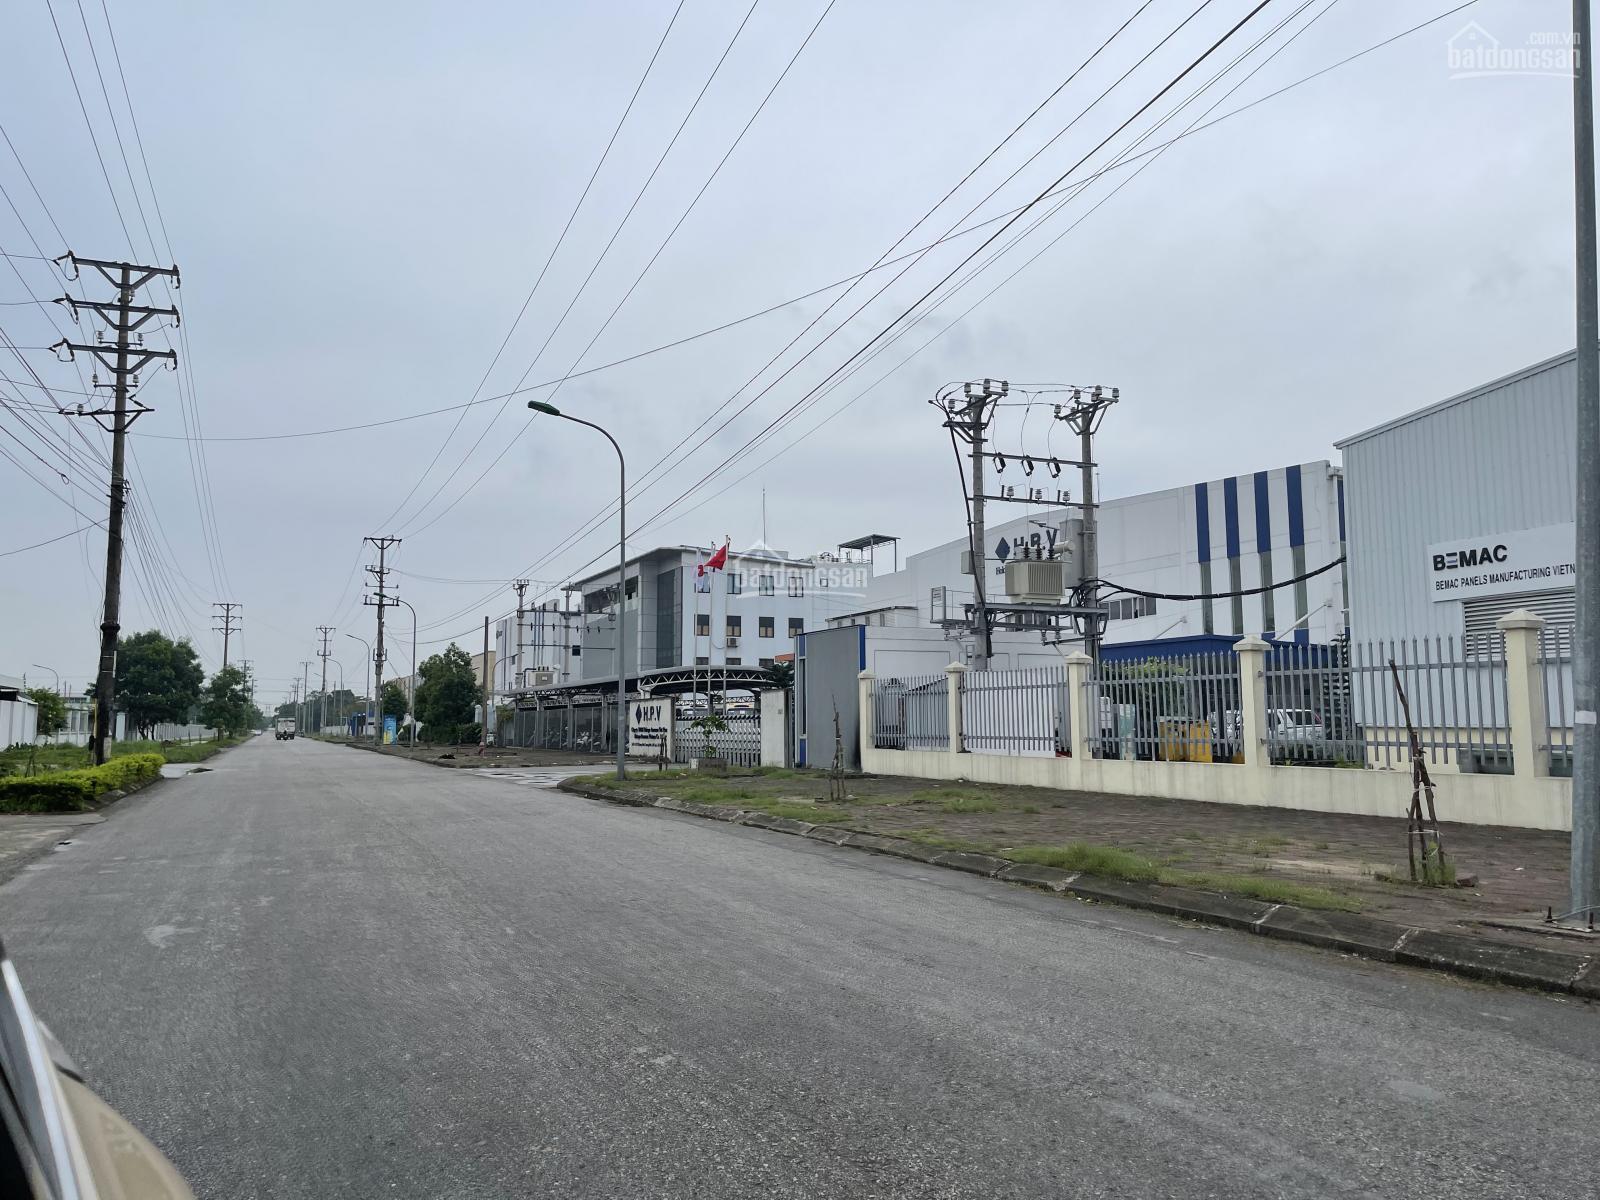 Chuyên bán kho nhà xưởng khu công nghiệp Quang Minh DT 1300m2, 6000m2, 1ha, 4,5ha 0988.529.528